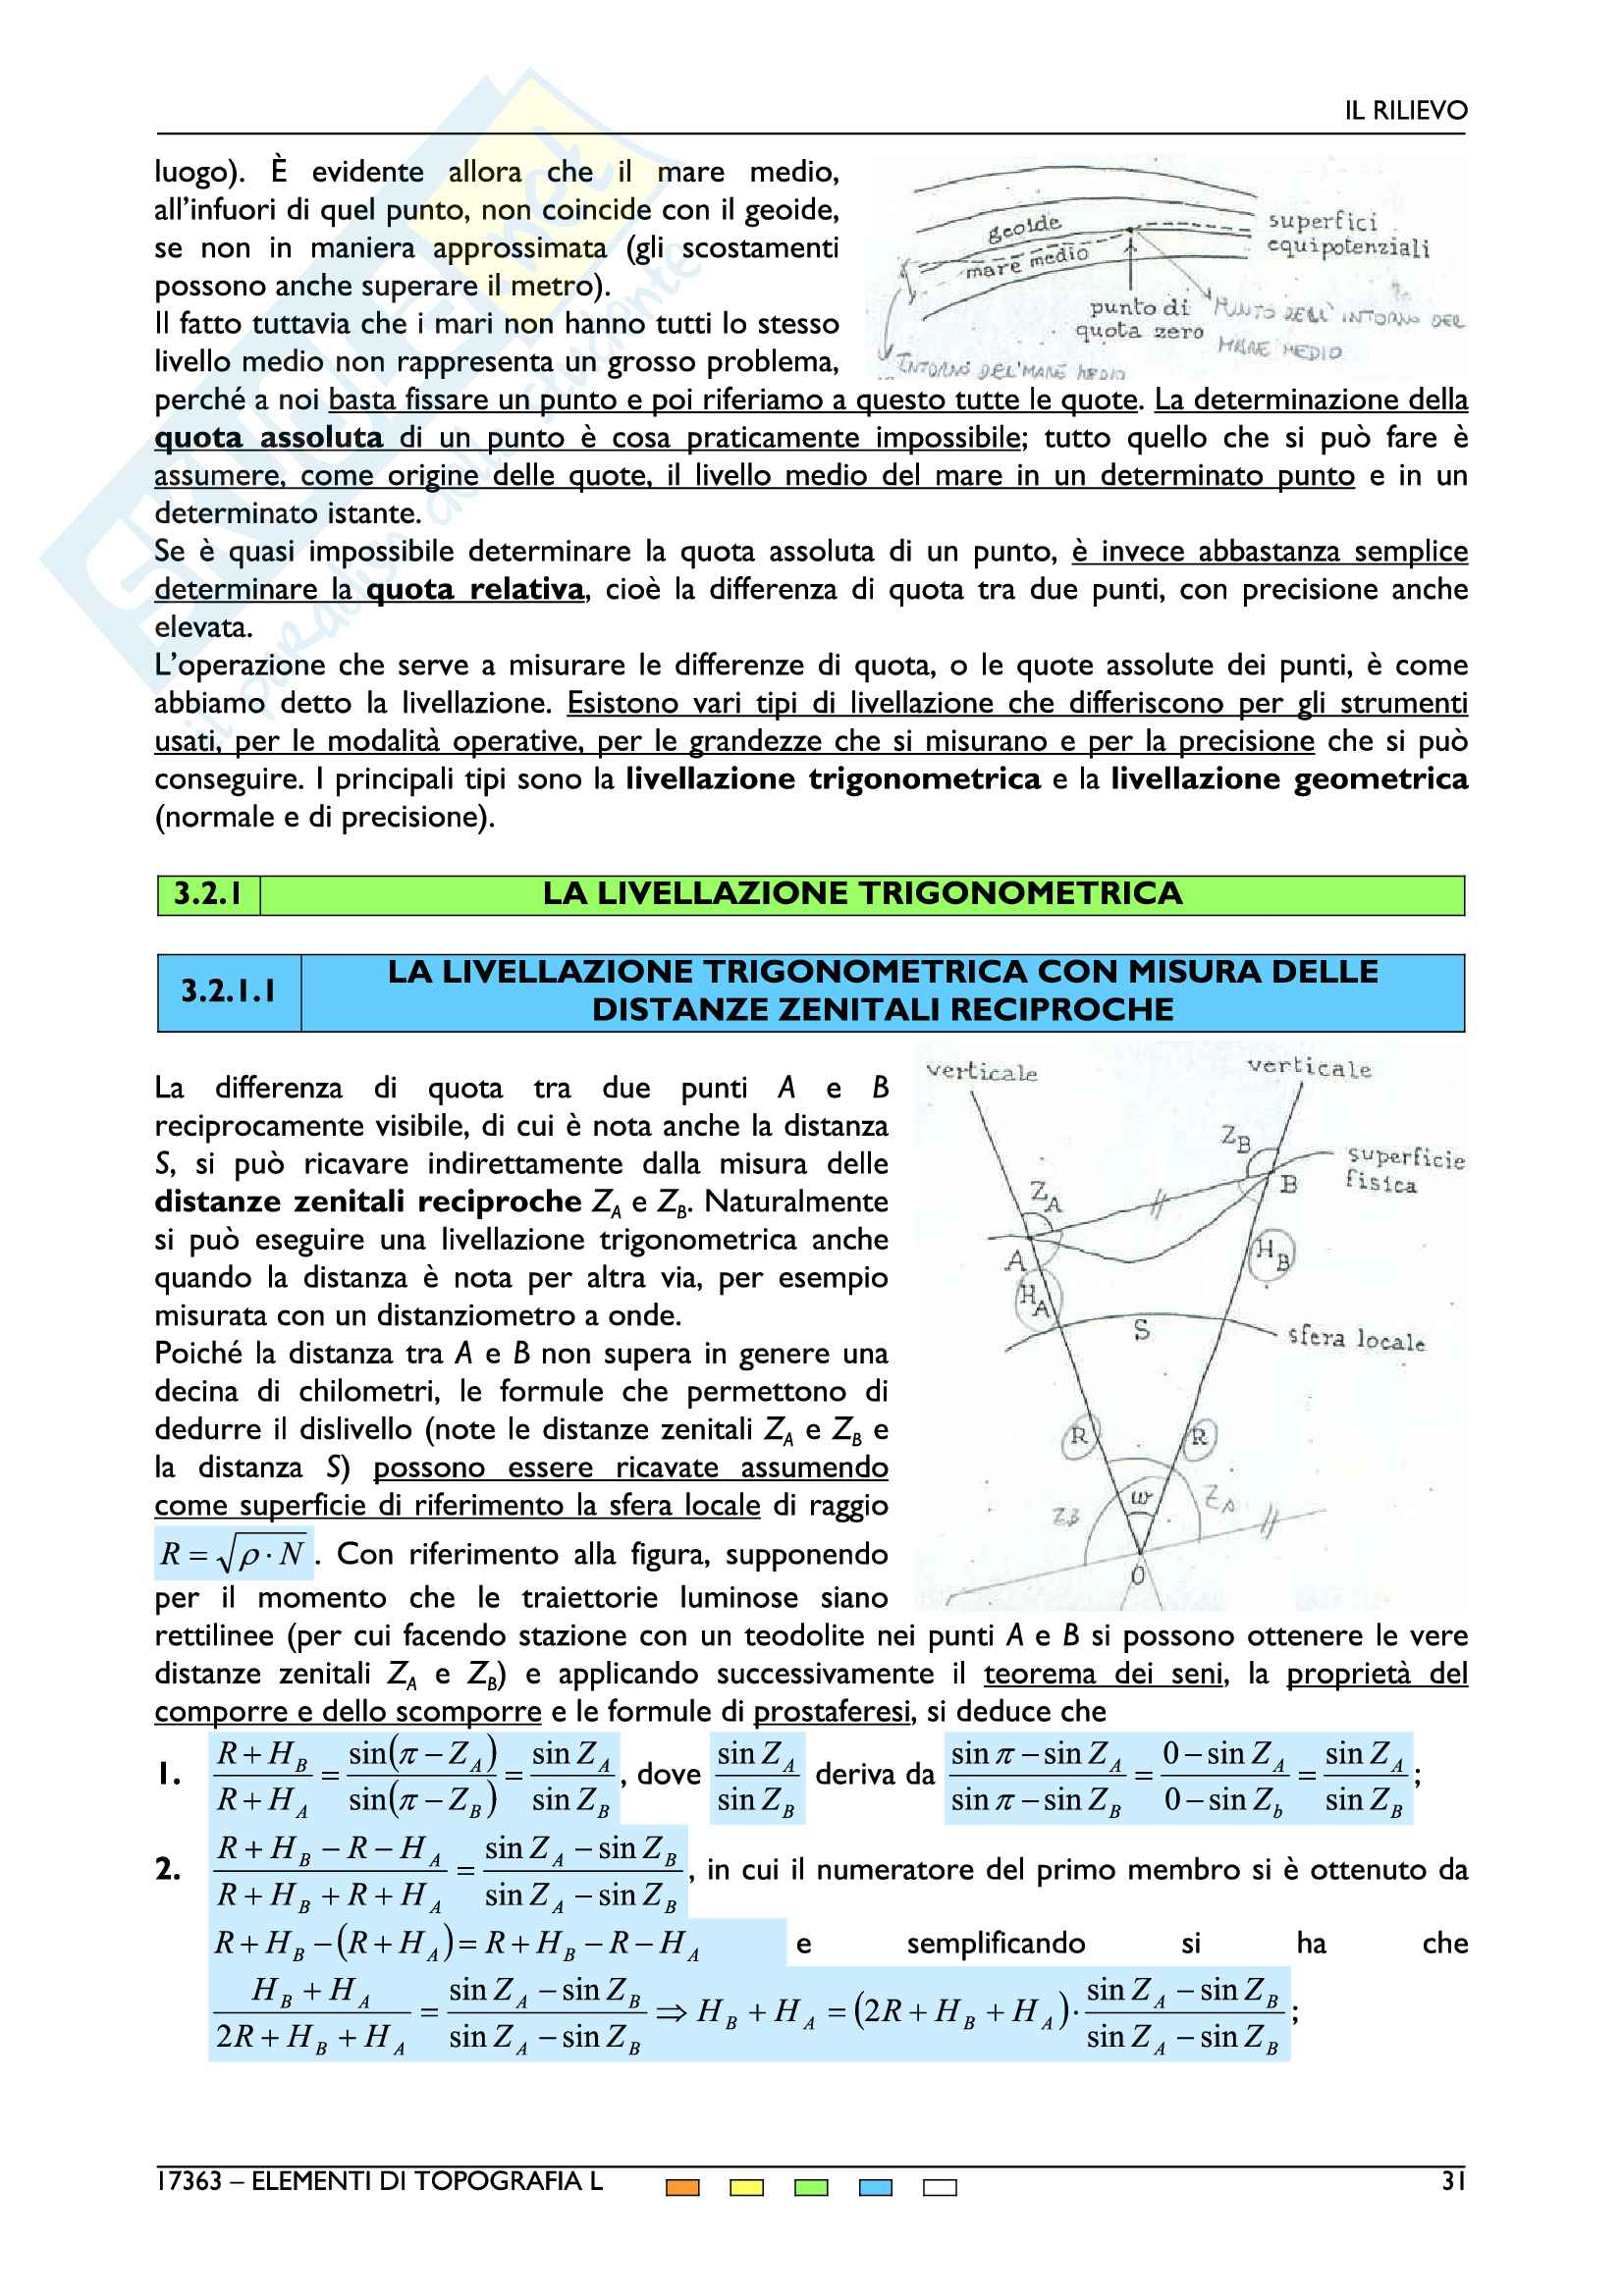 Elementi di topografia e cartografia Pag. 31